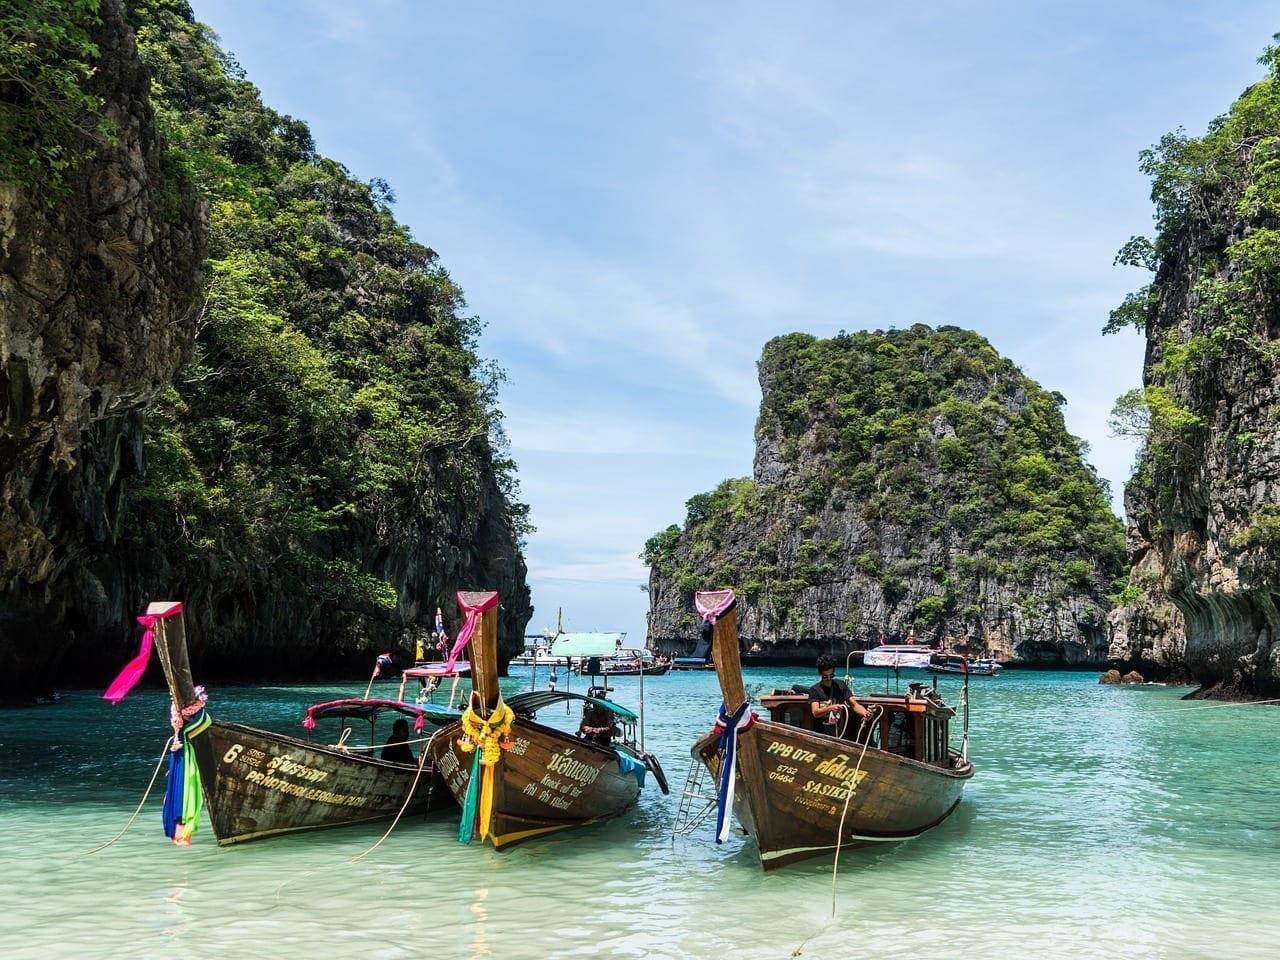 Tailandia Phuket Koh Phi-phi Tailandia